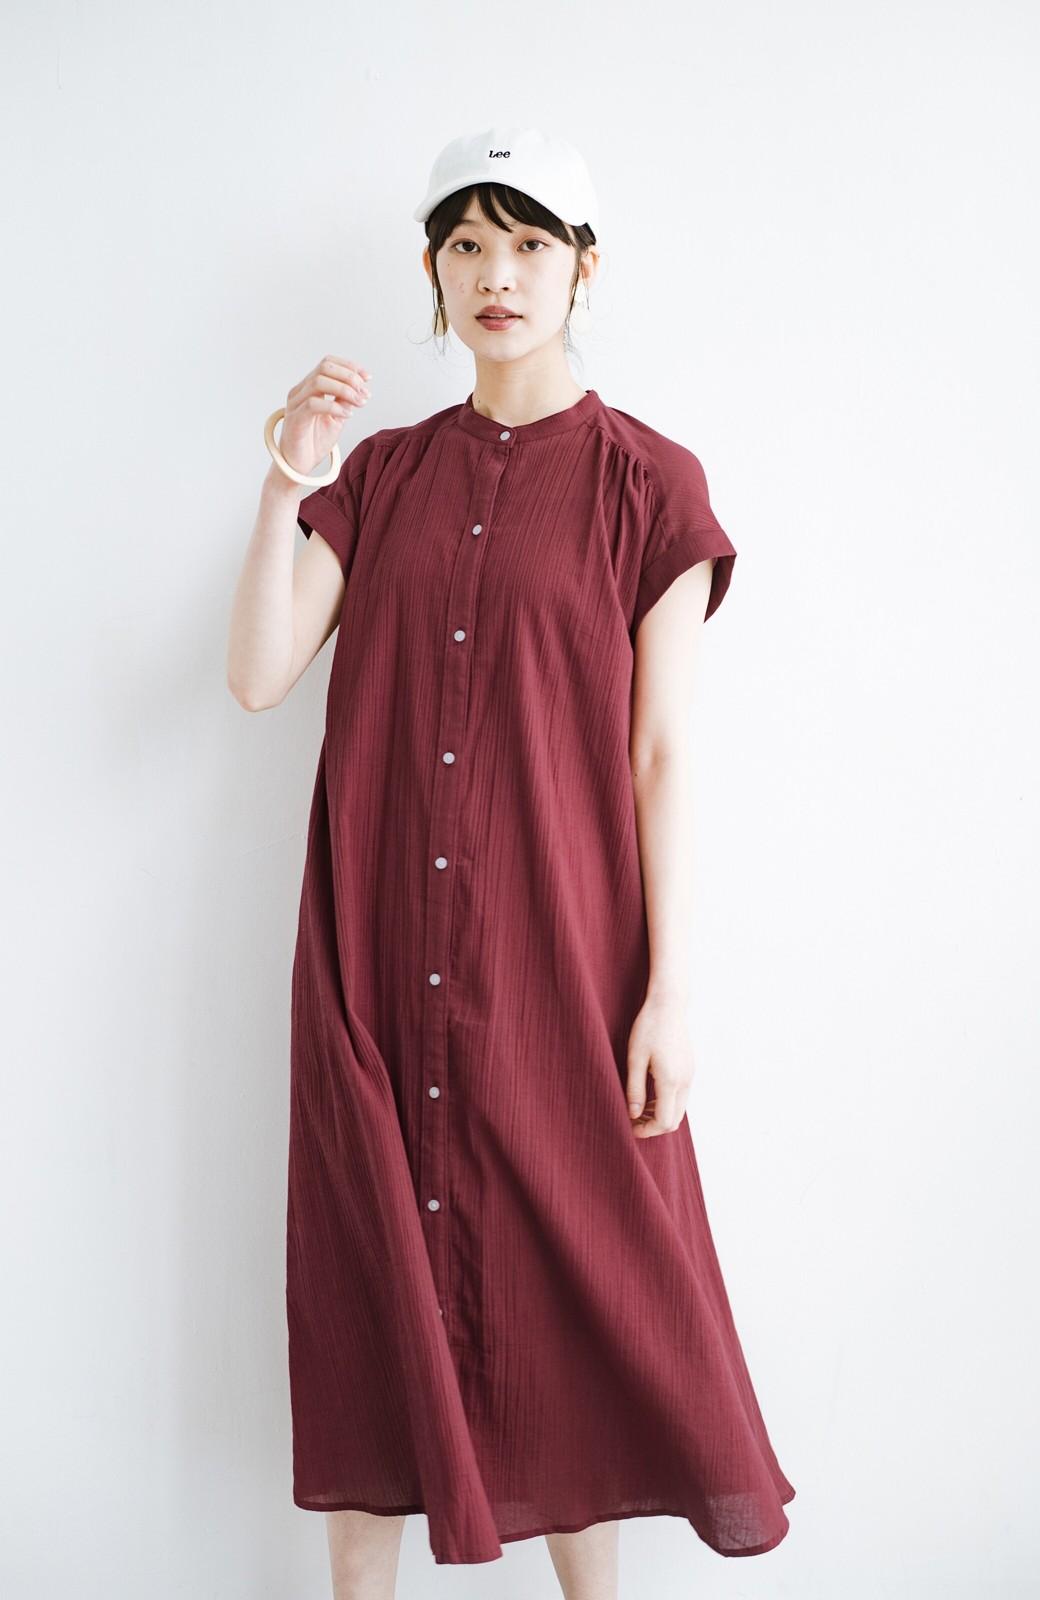 haco! バレずにとことん楽できる 羽織りとしても使える軽やかシャツワンピース <レッド>の商品写真17